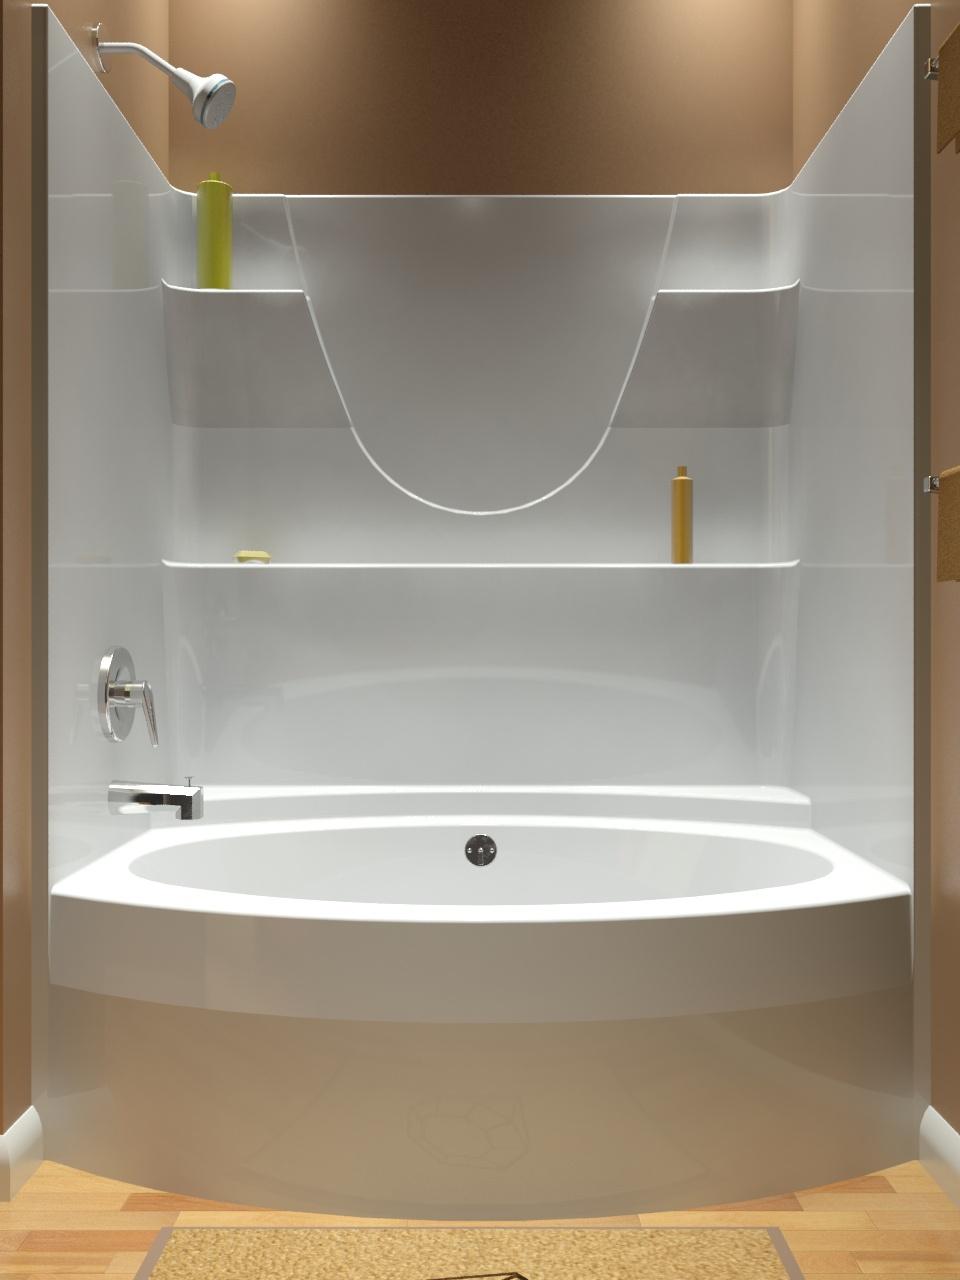 American Standard Bathtub 54 X 27 Bathtub Ideas